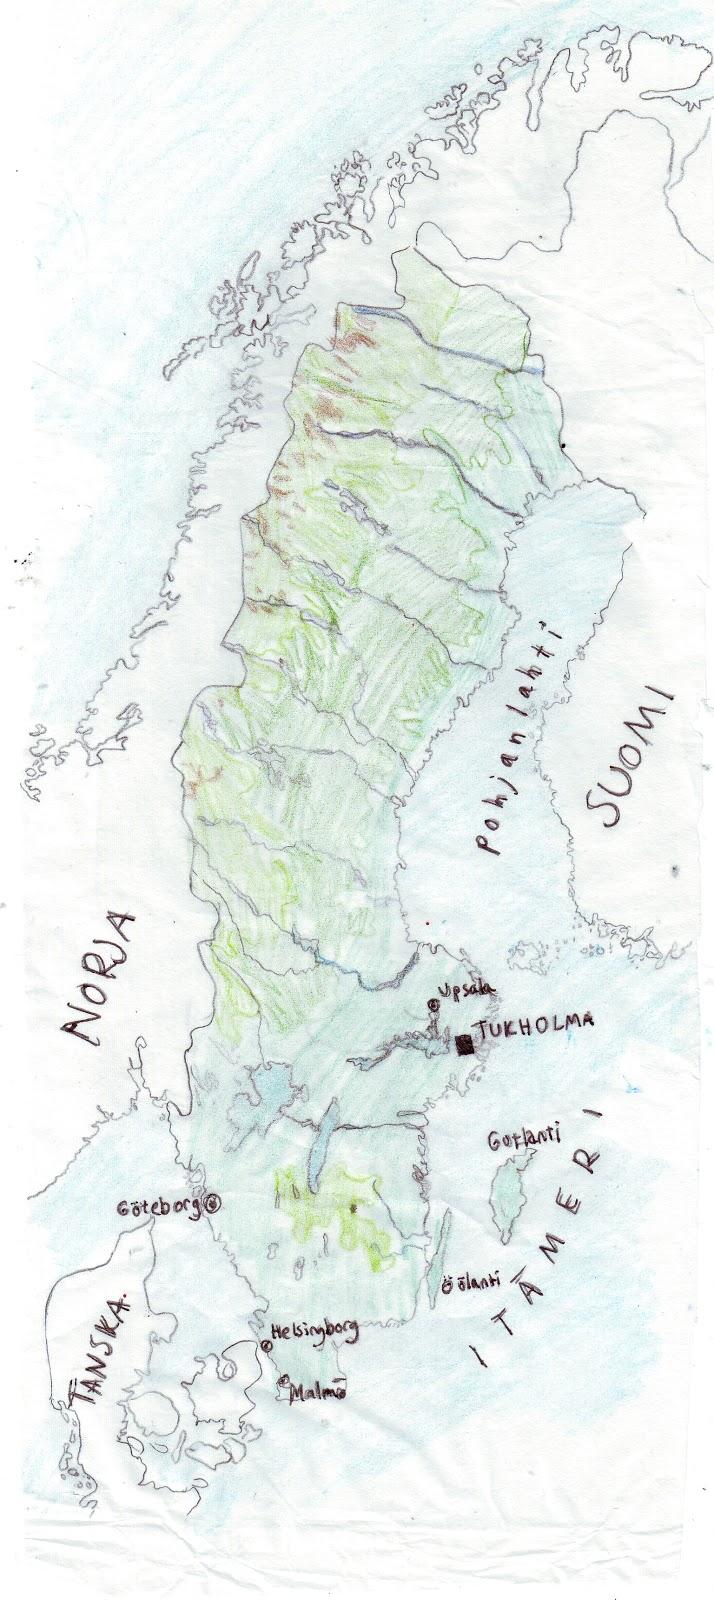 Ruotsi Lokakuuta 2012